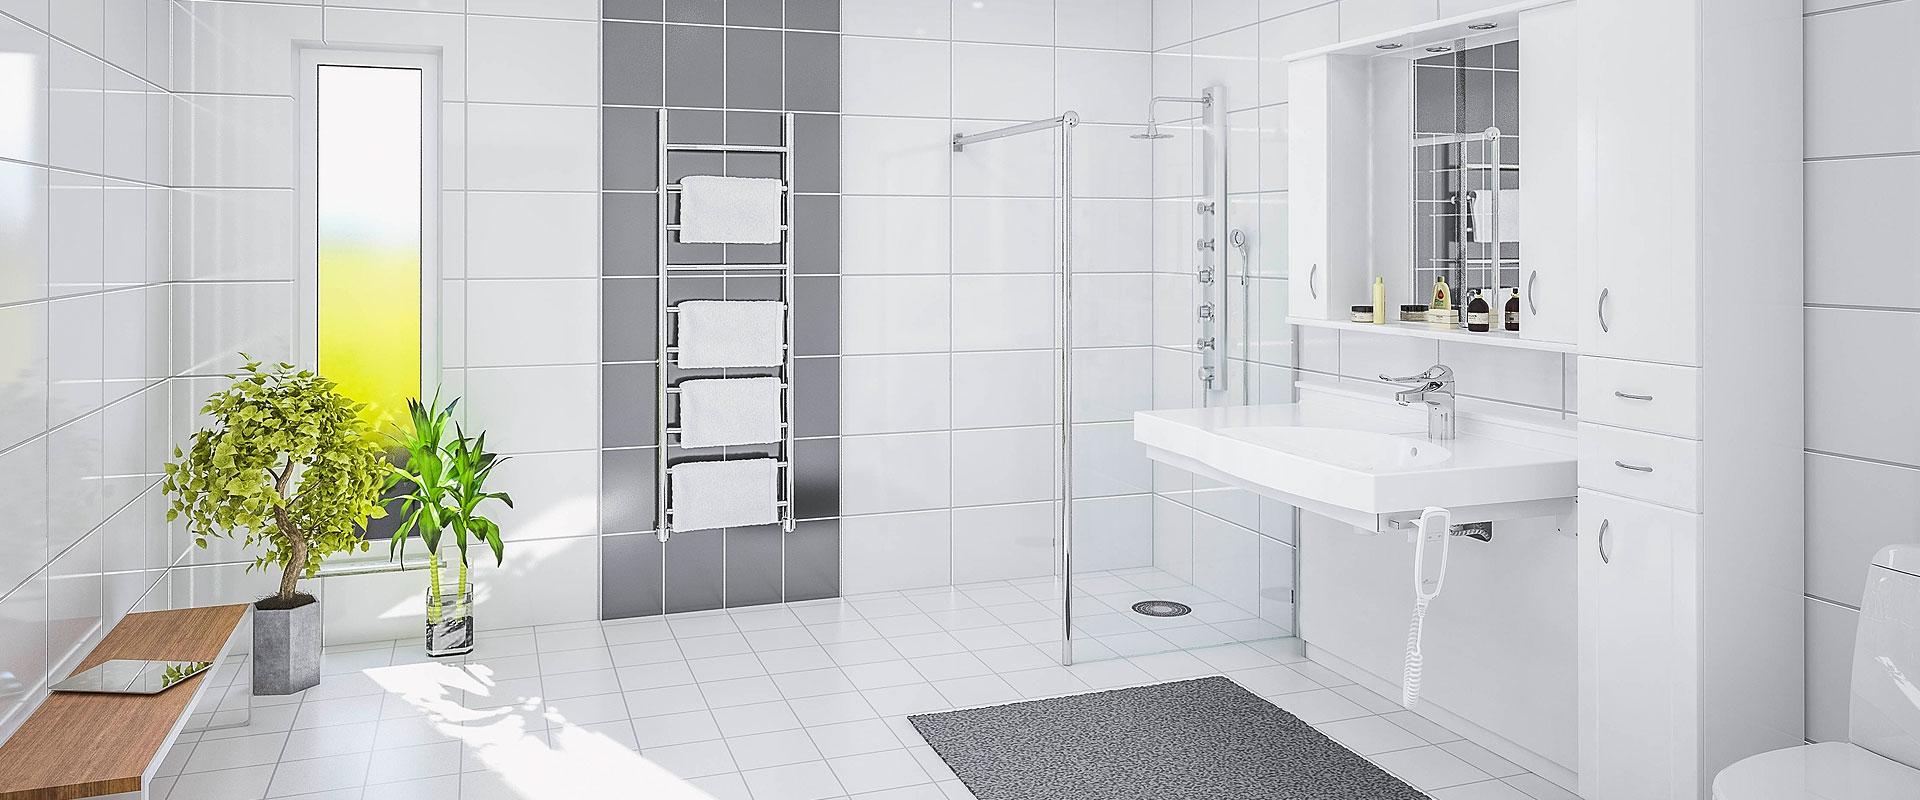 Höj- och sänkbara tvättställ